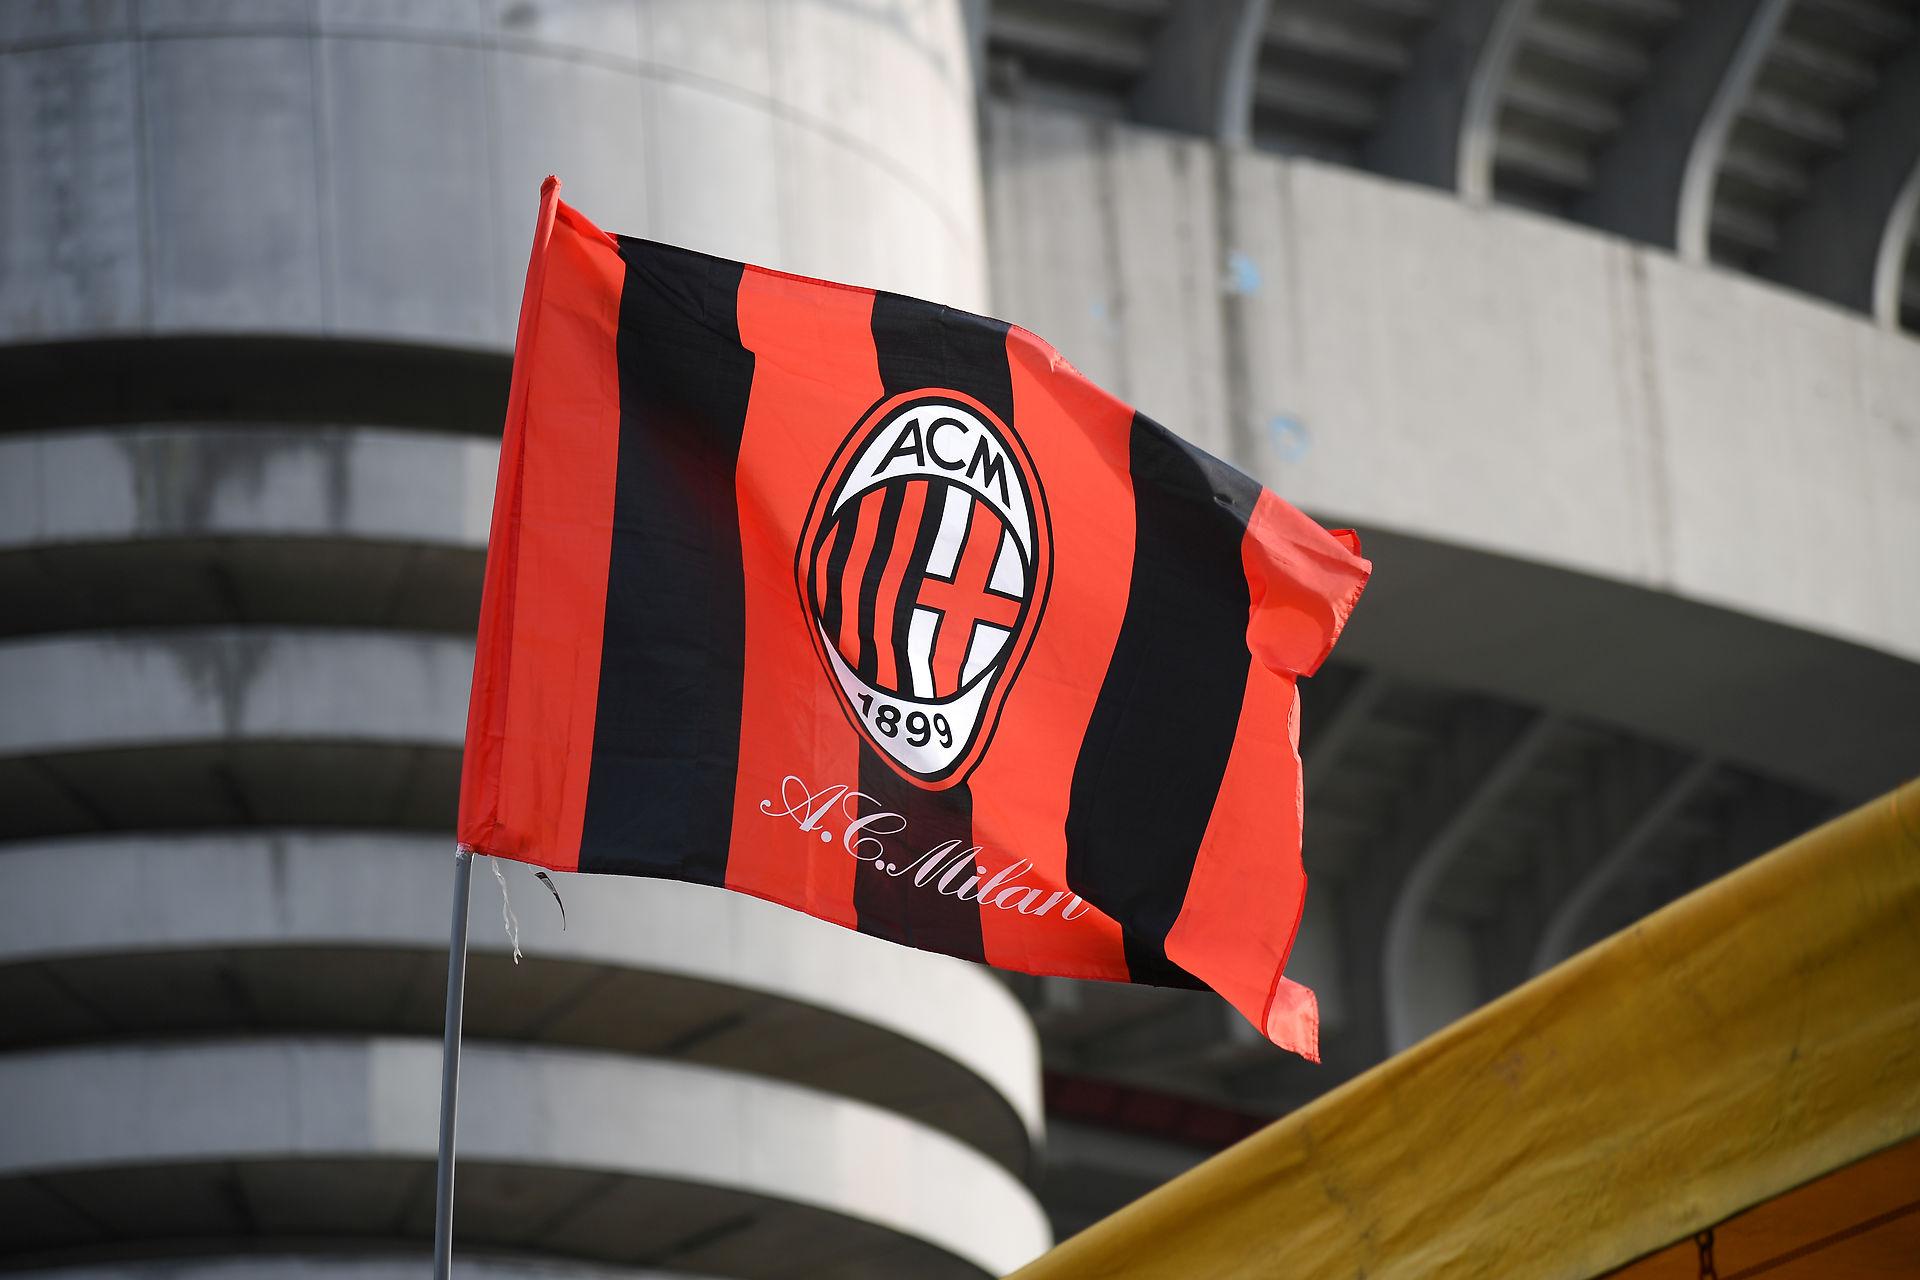 Officielt: AC Milan henter franskmand